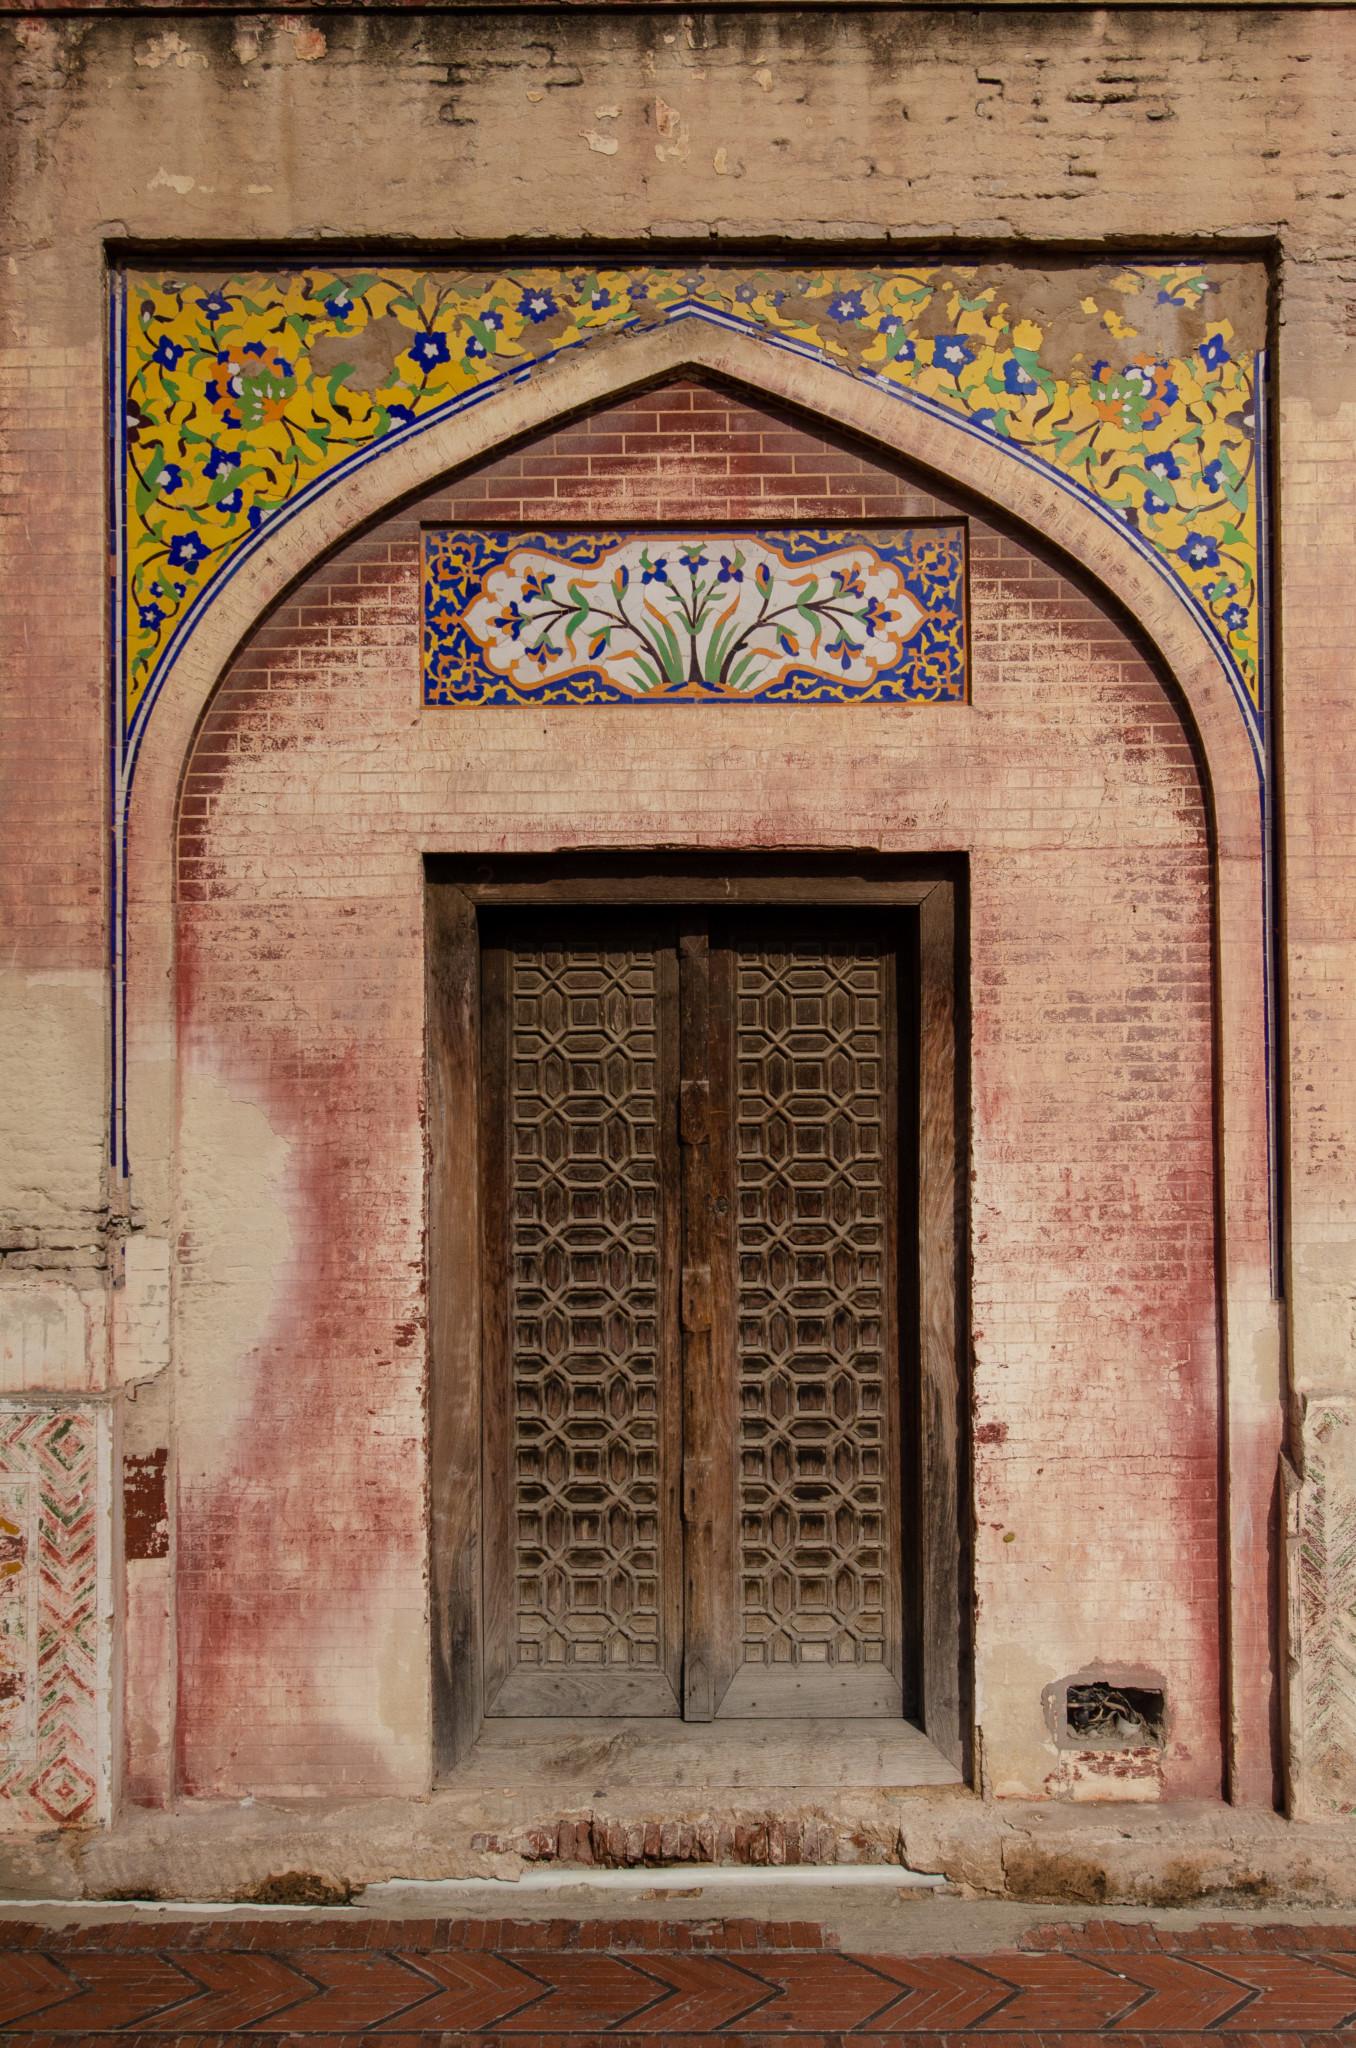 Bemalte Eingangstür zur Moschee in Lahore